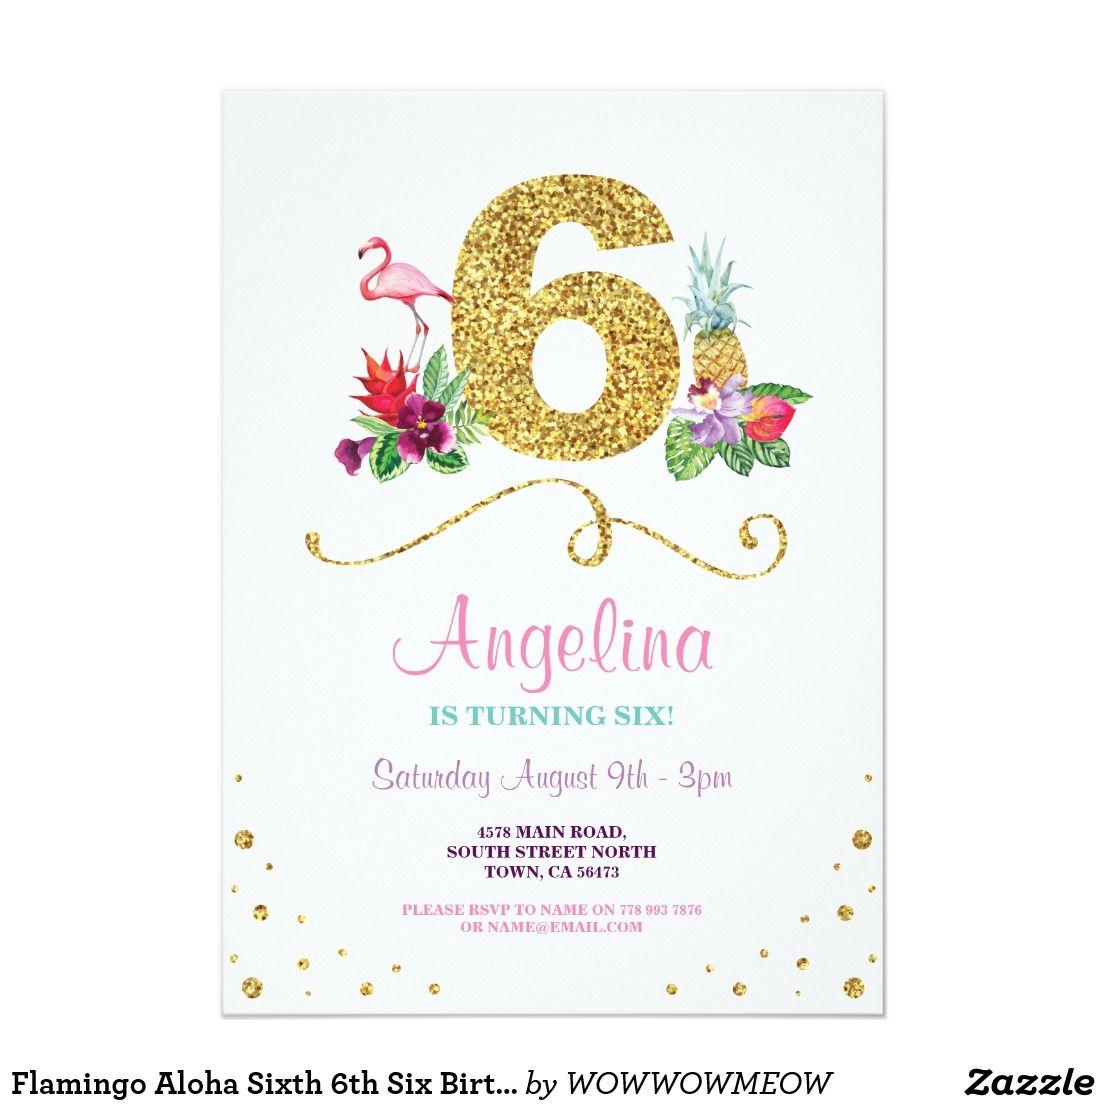 Flamingo Aloha Sixth 6th Six Birthday Party Invite   { Happy ...